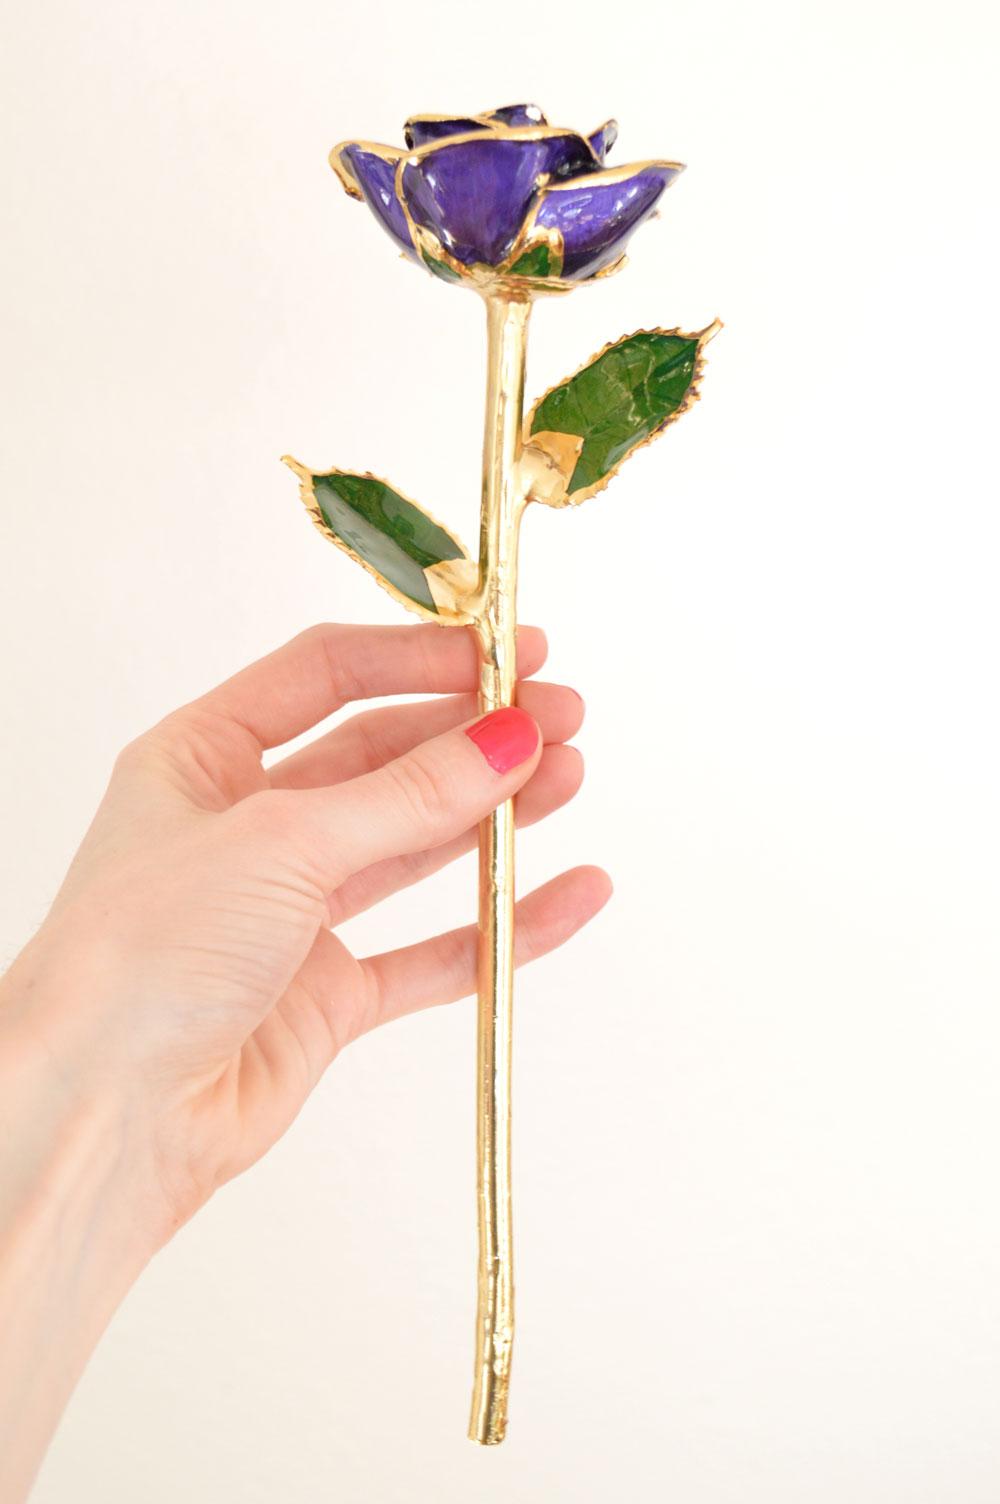 24k gold dipped Eternity Rose gift idea for her - Mommy Scene